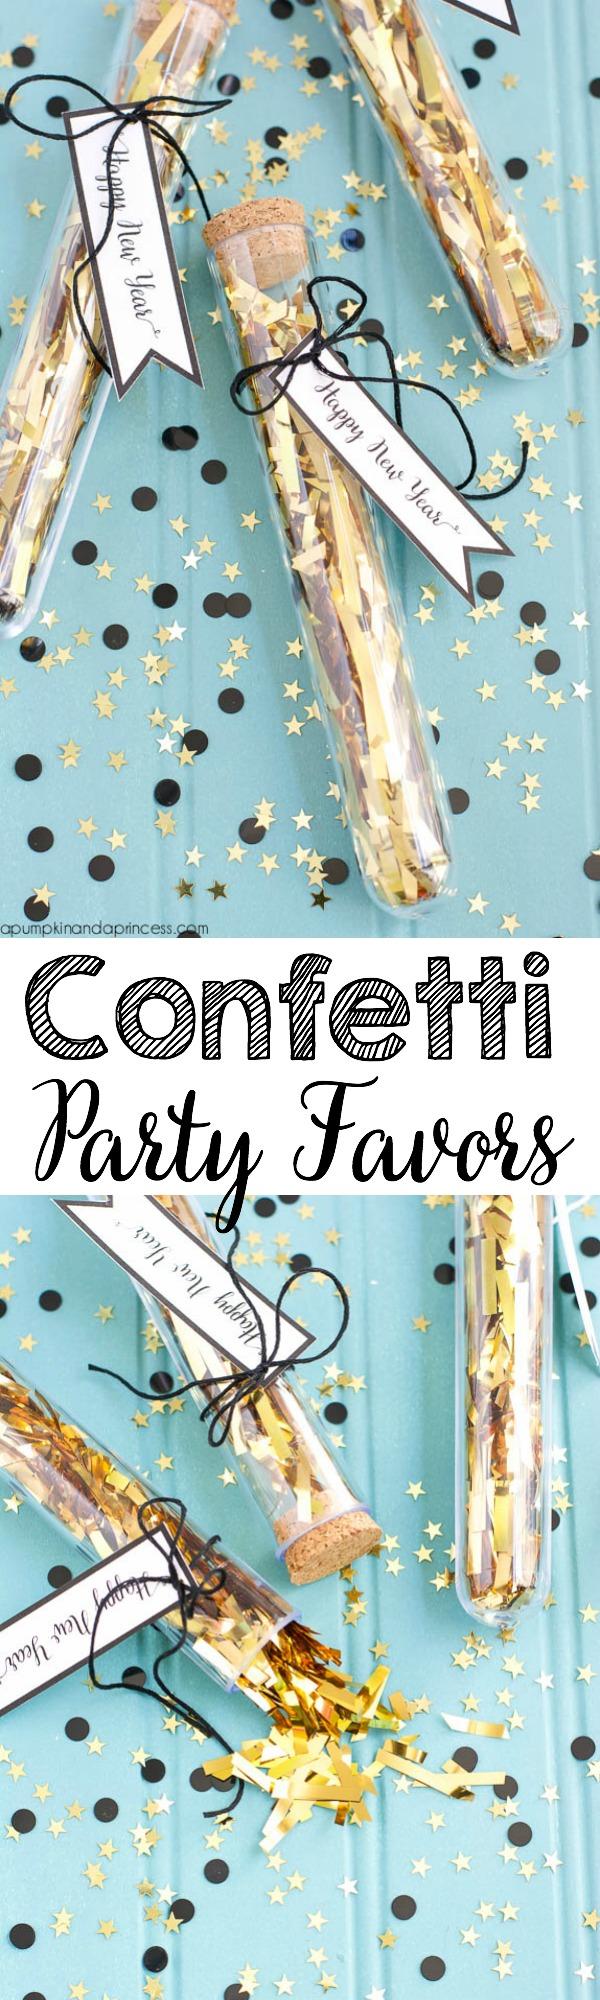 Confetti-Party-Favors1